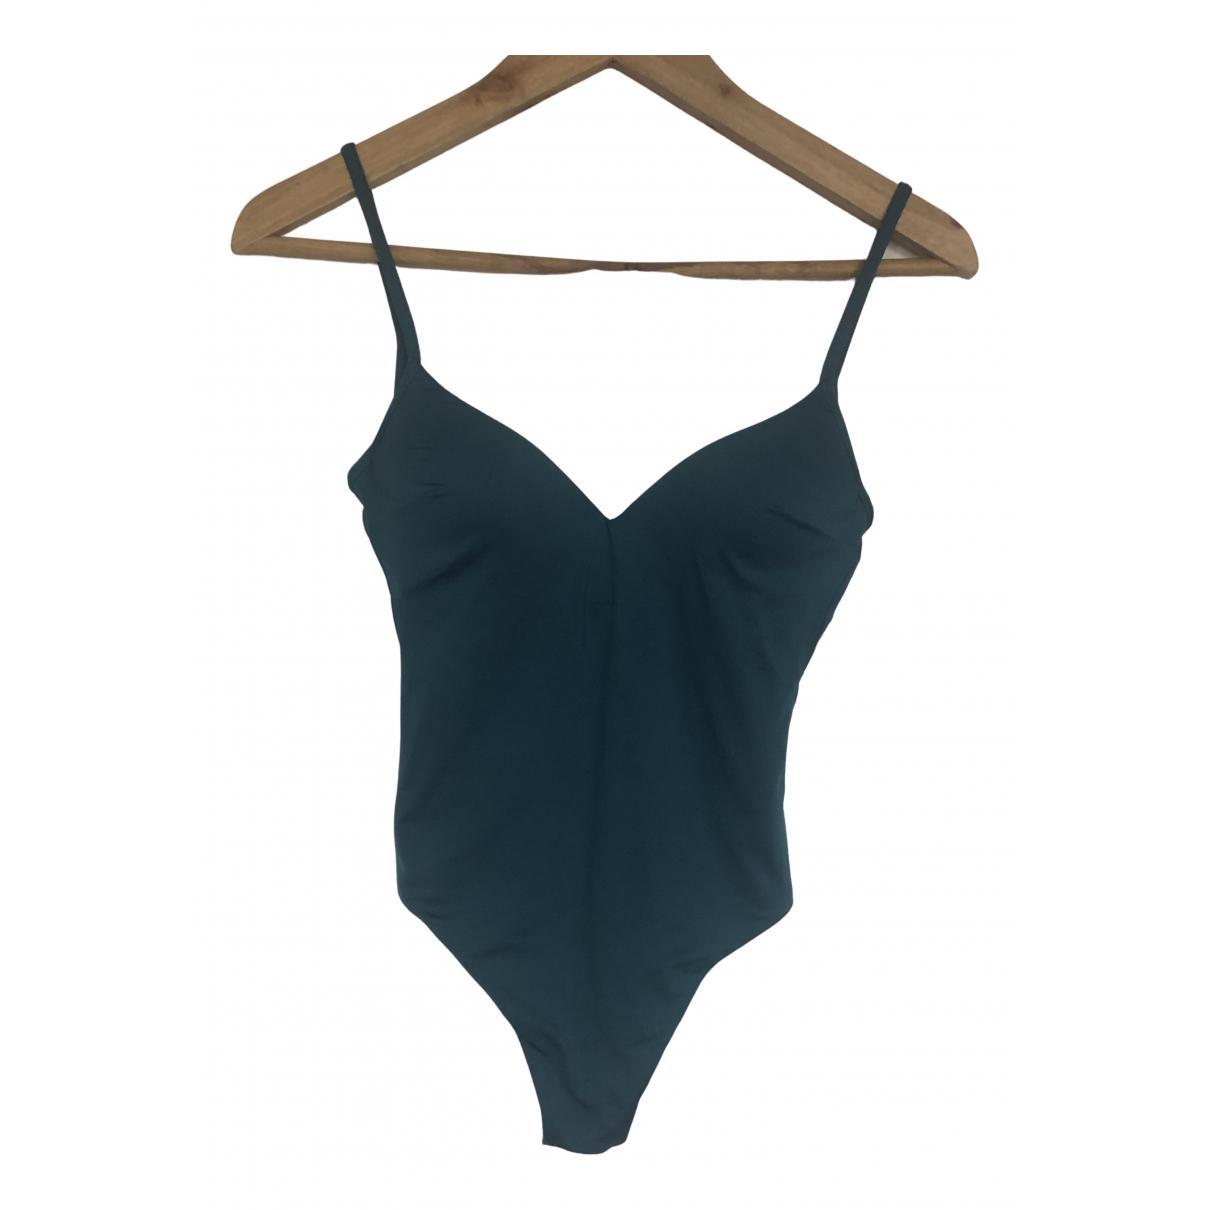 La Perla \N Badeanzug in  Blau Synthetik